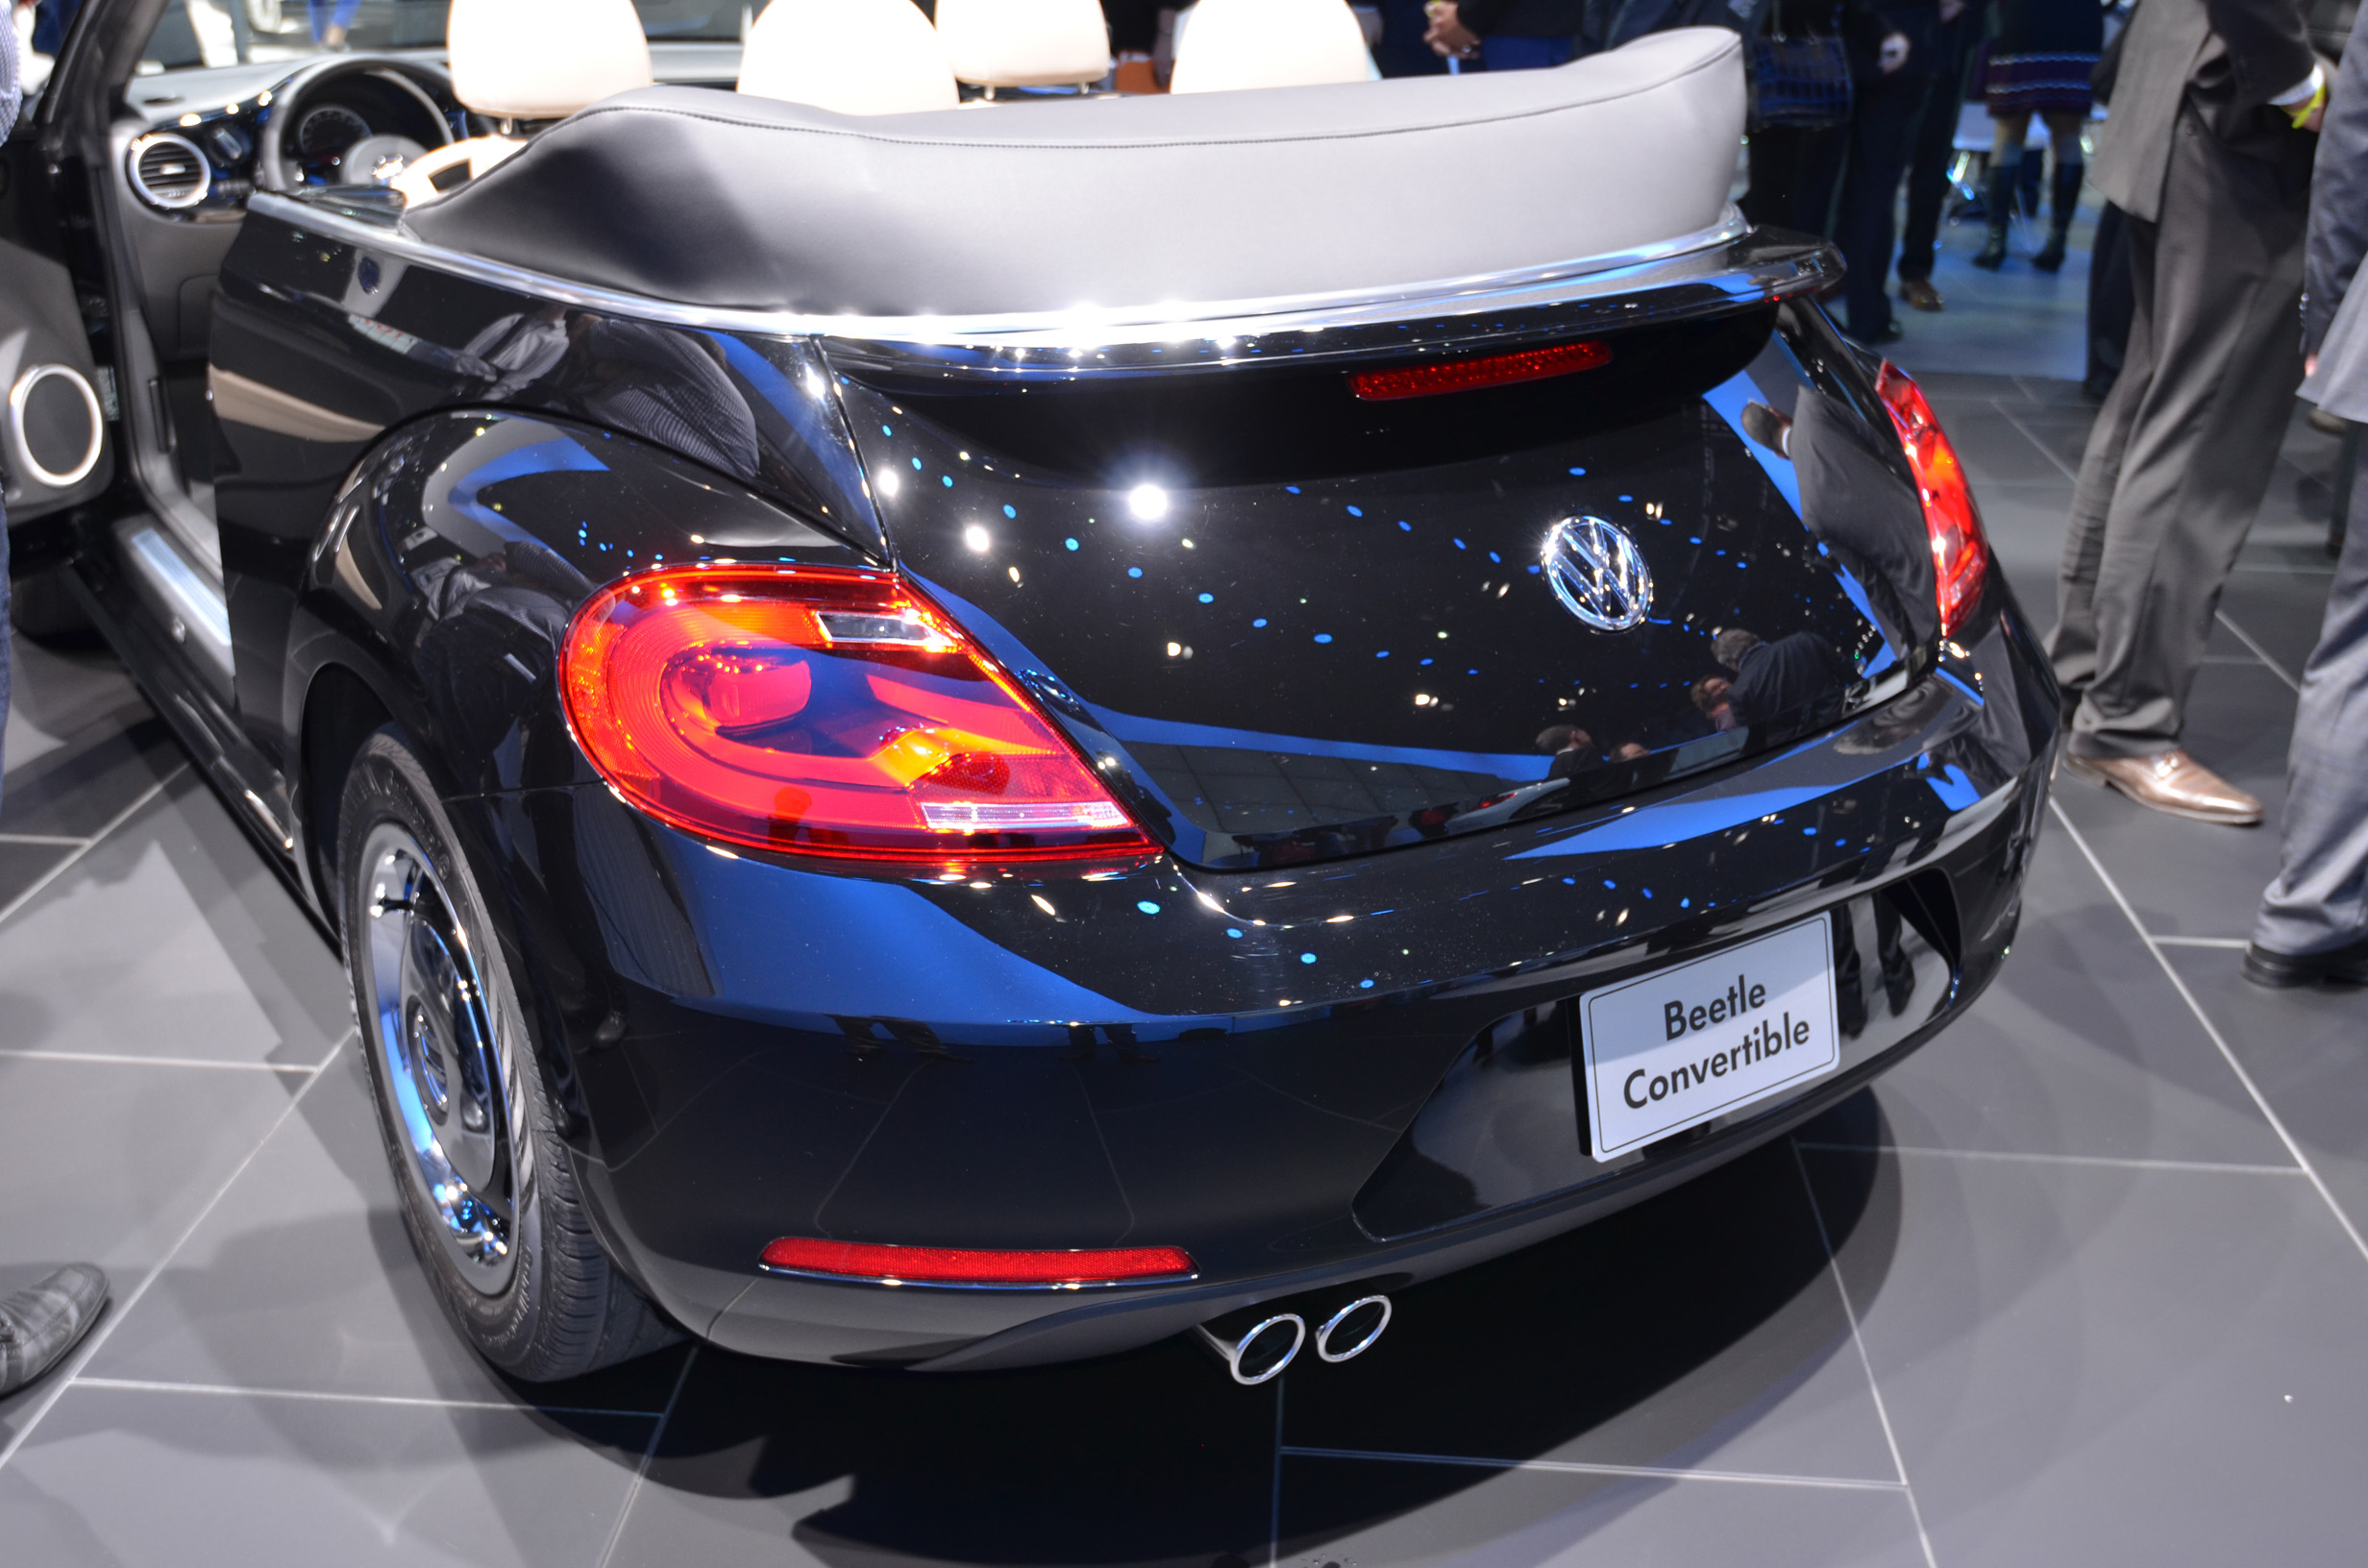 volkswagen-beetle-convertible-020